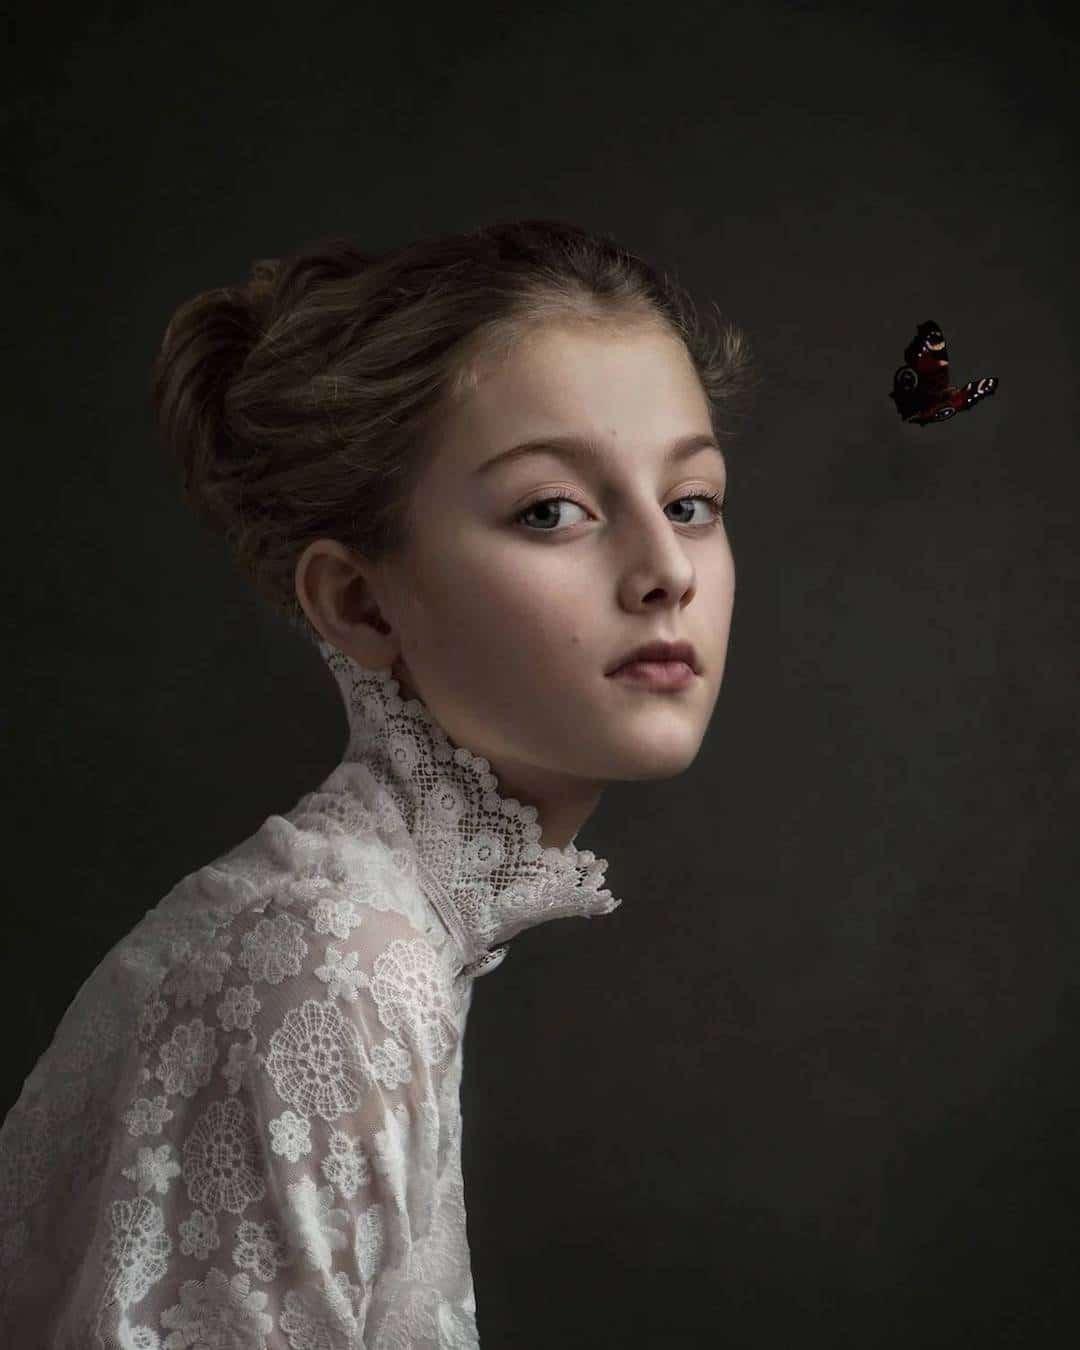 художественный фотопортрет женский она работает одном